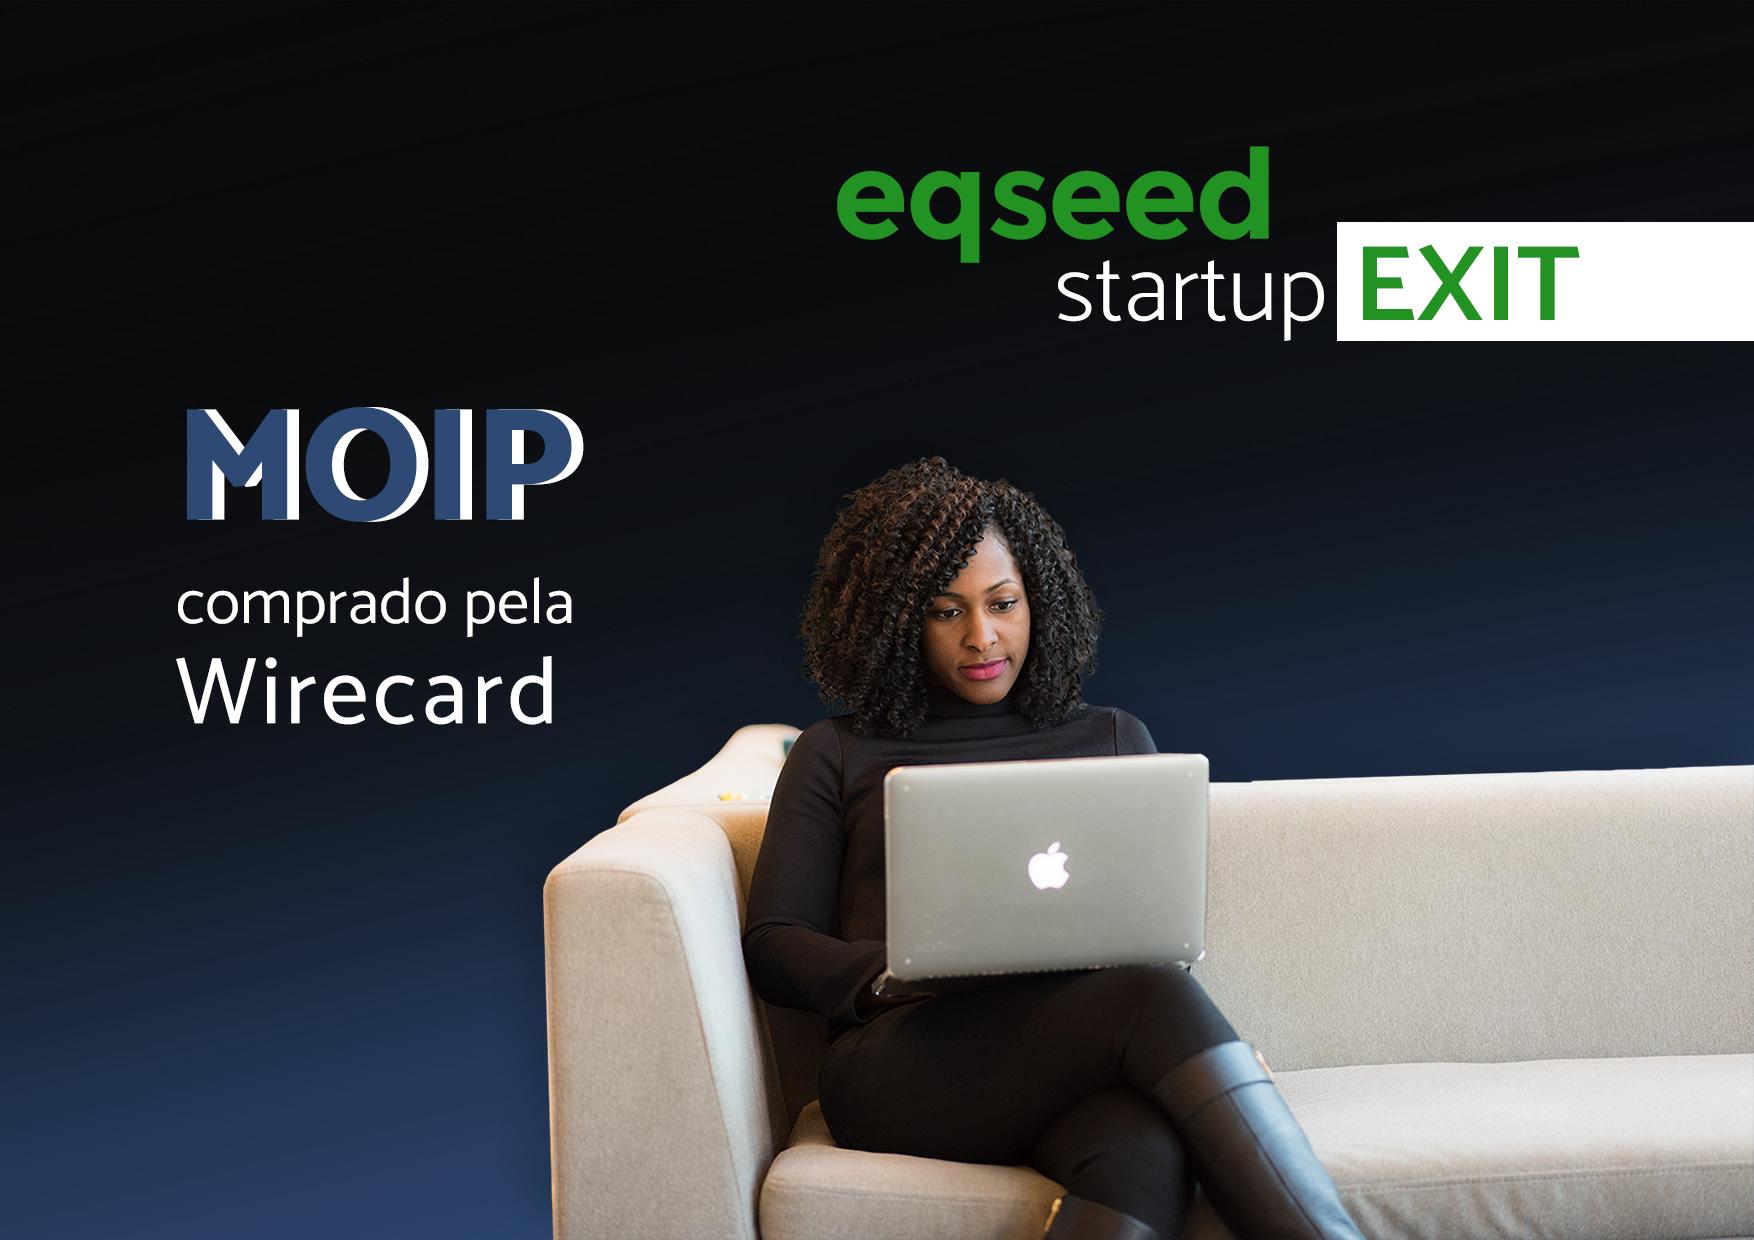 Ebook | Moip comprado pela Wirecard